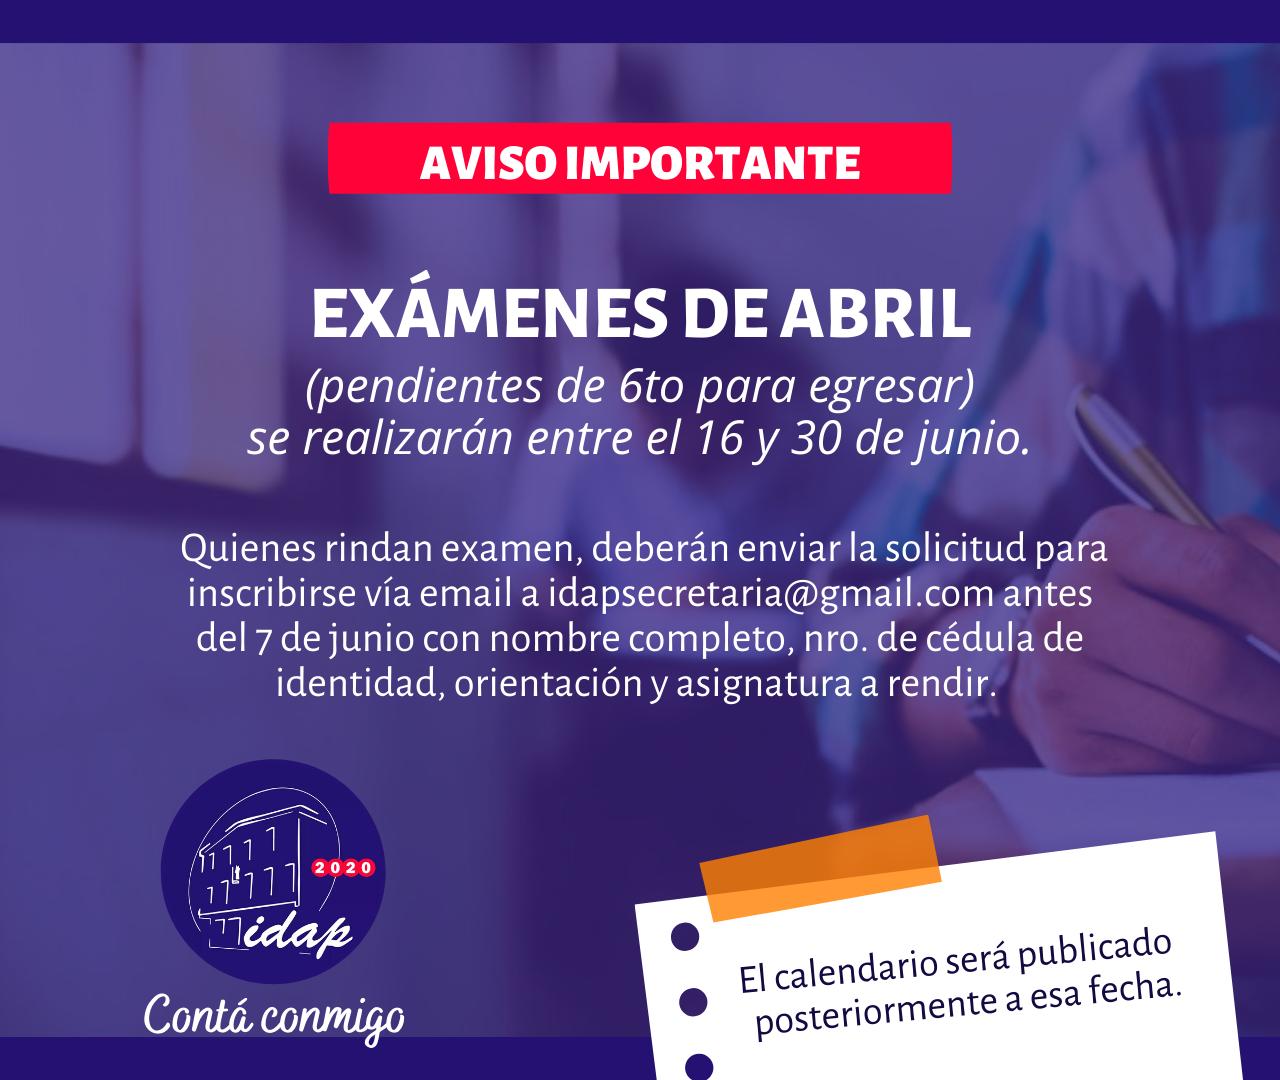 EXÁMENES PERIODO ABRIL